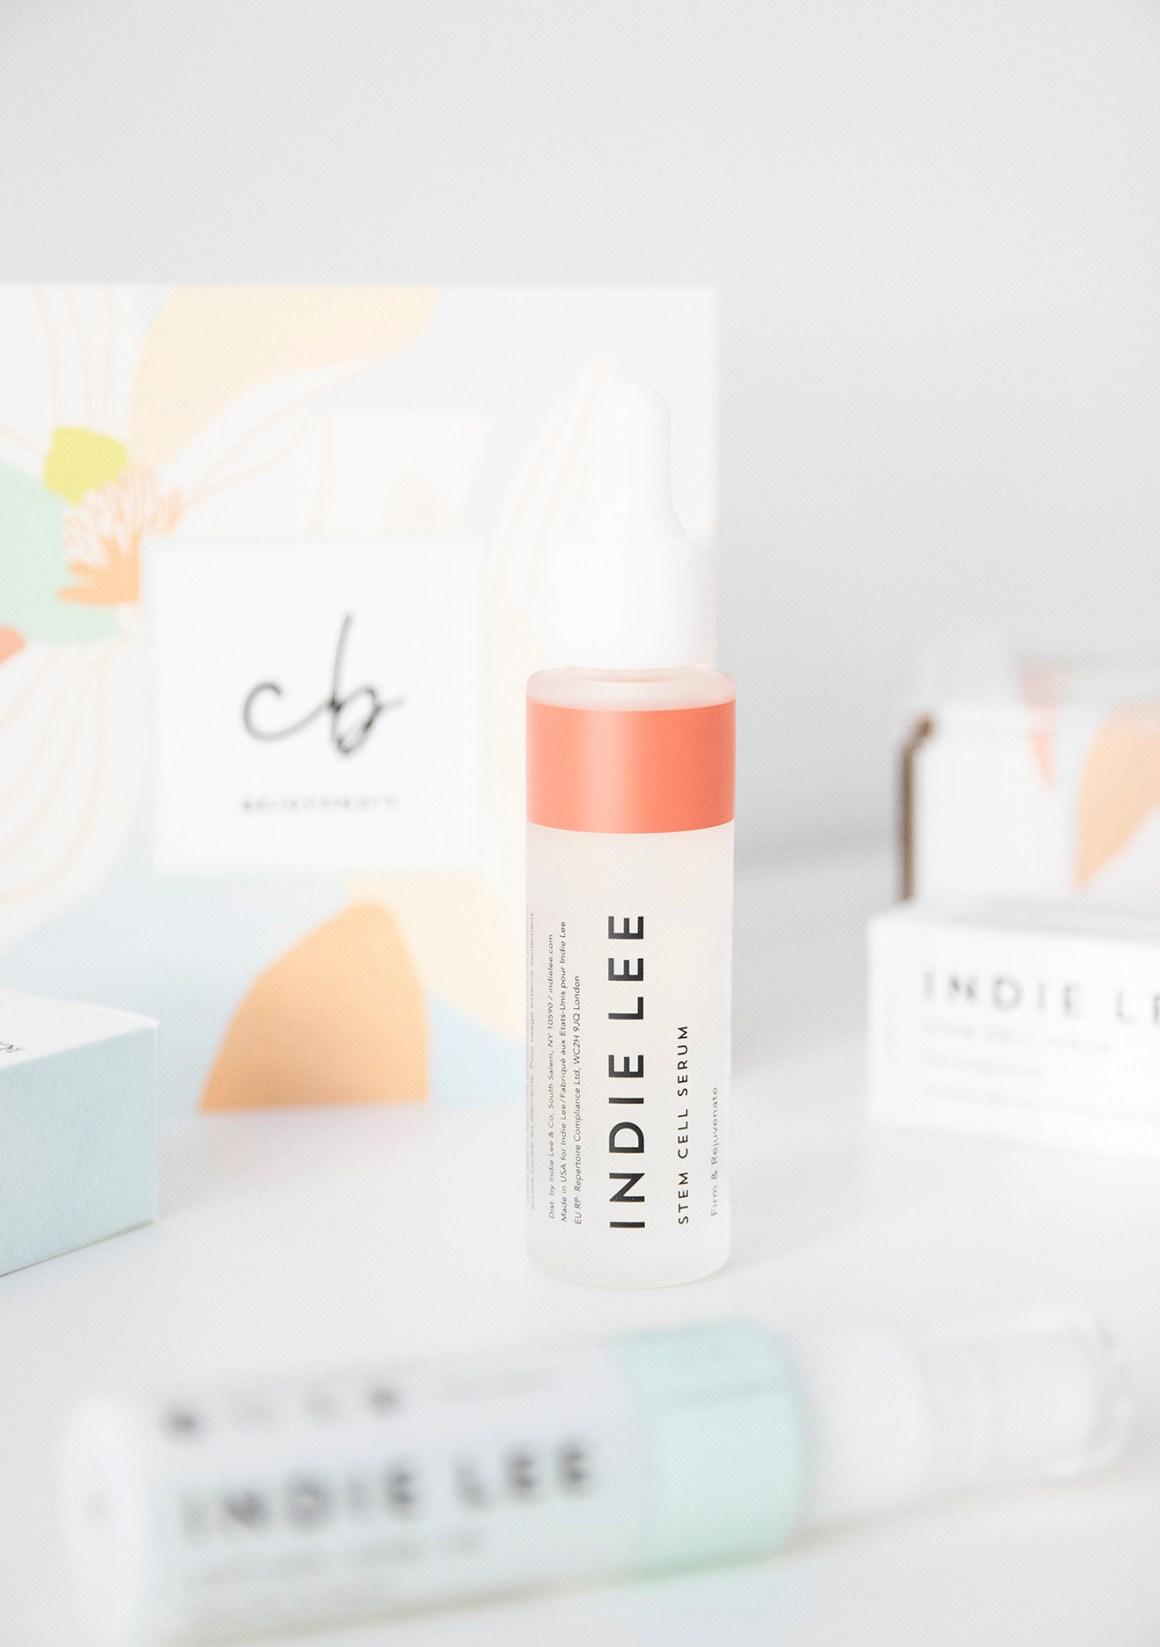 Indie Lee Stem Cell Serum Clean Beauty Box